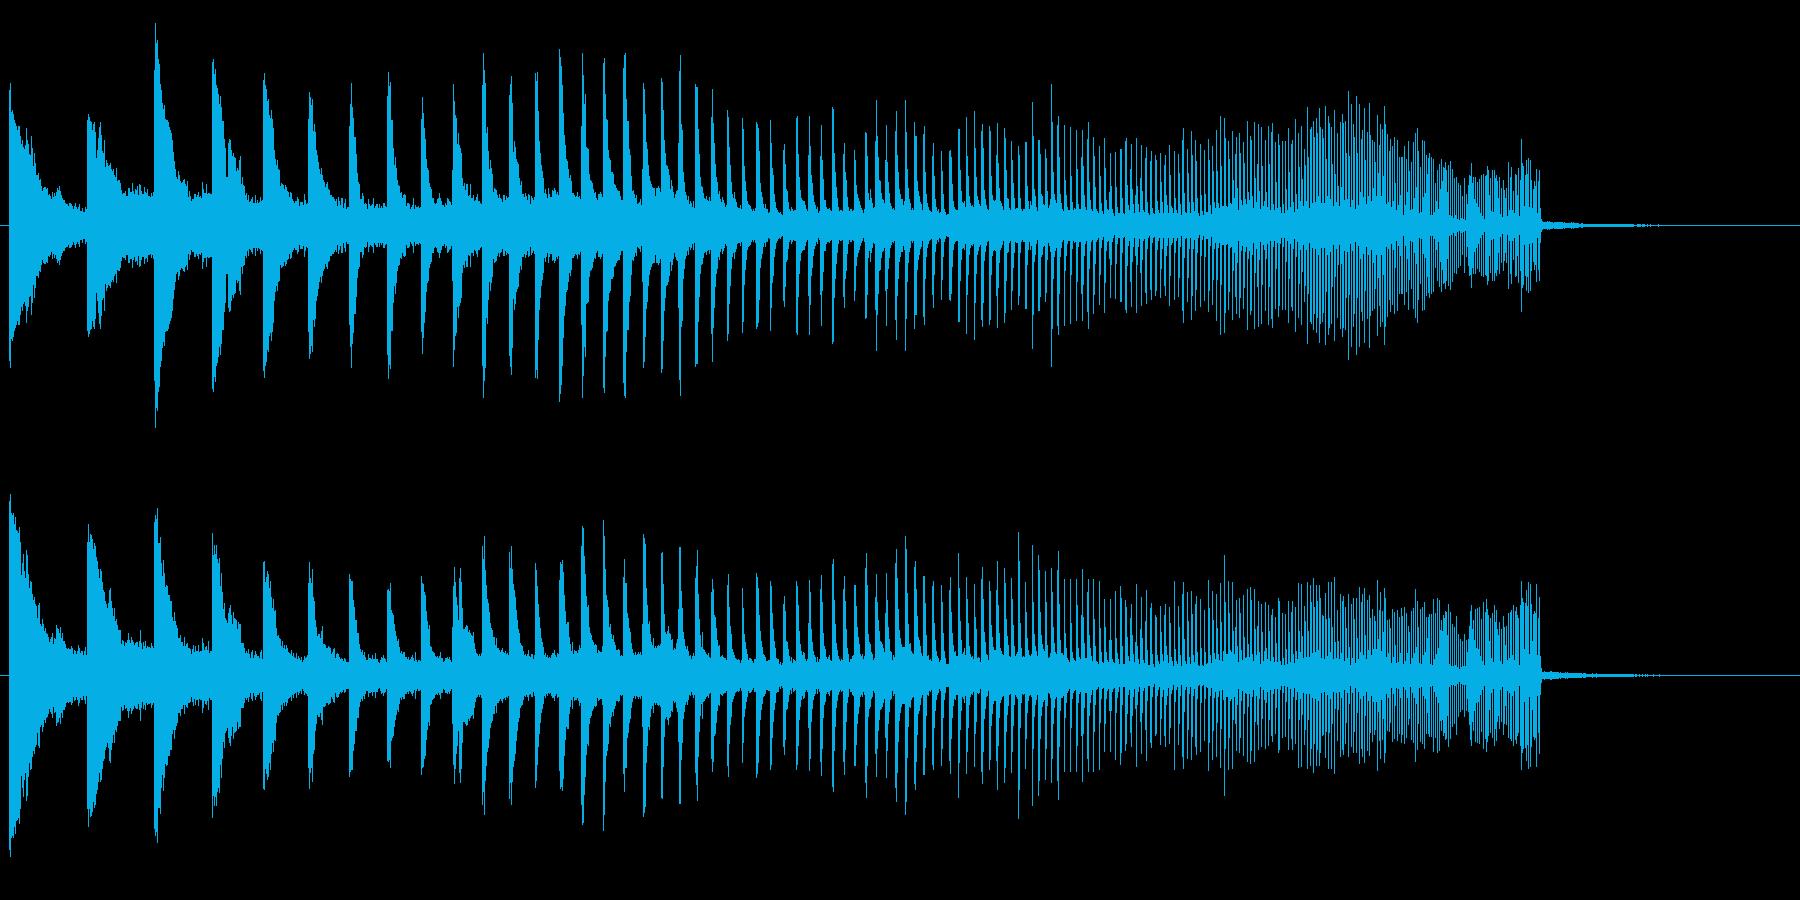 上昇 メタルヒット01の再生済みの波形